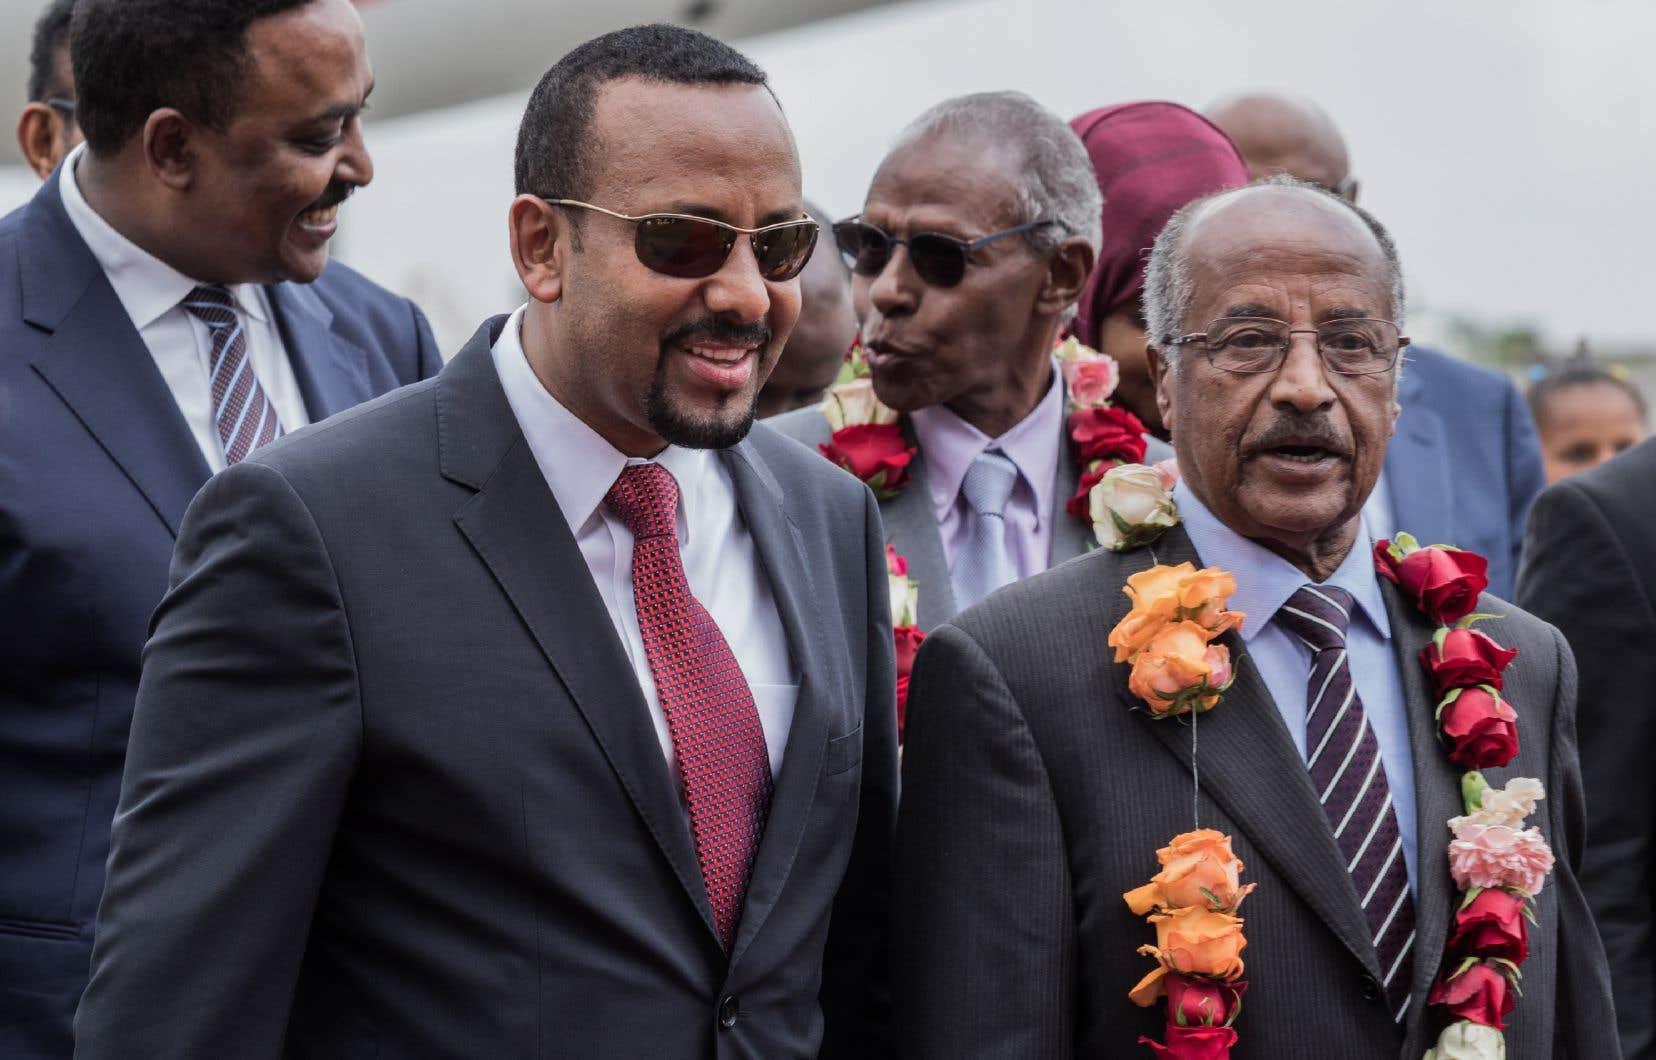 Prise le 26 juin dernier, cette photo montre le ministre des Affaires étrangères de l'Érythrée Osman Saleh Mohammed (à gauche), le premier ministre de l'Éthiopie Abiy Ahmed (au centre) et le ministre des Affaires étrangères Workeneh Gebeyehu.